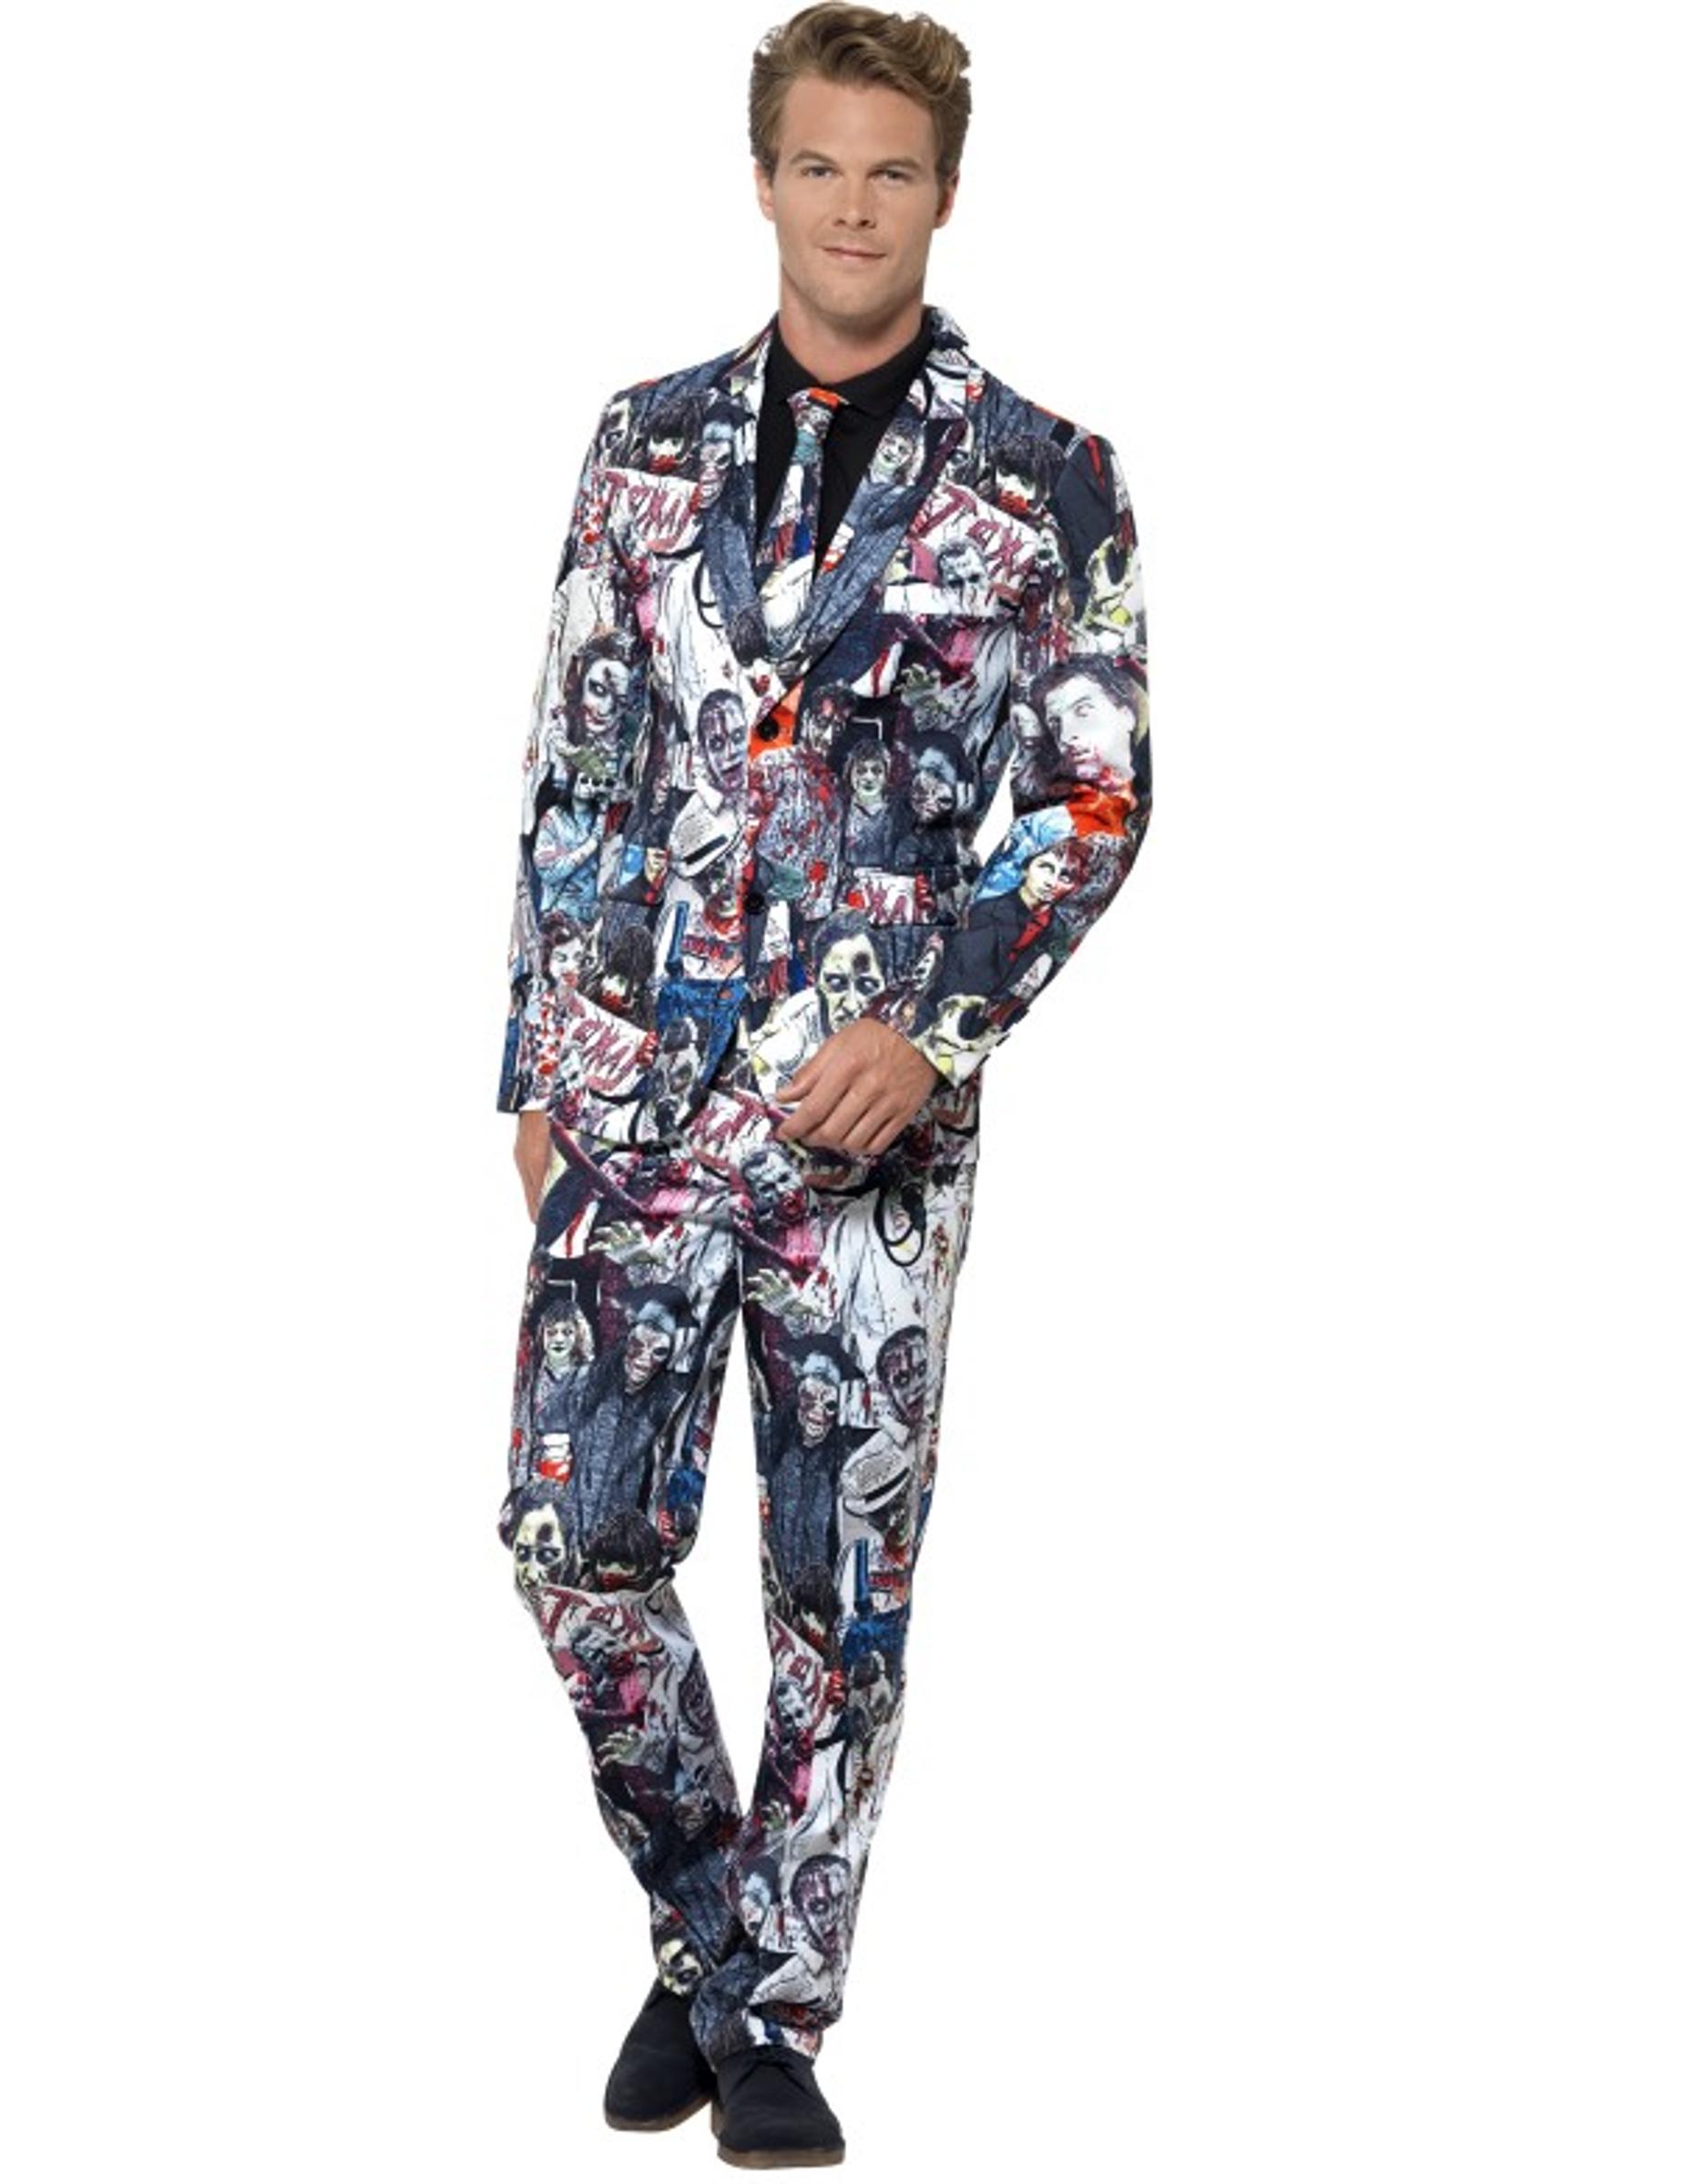 attraktive Mode Online-Einzelhändler lebendig und großartig im Stil Mr. Zombie Herrenanzug Halloween-Anzug bunt